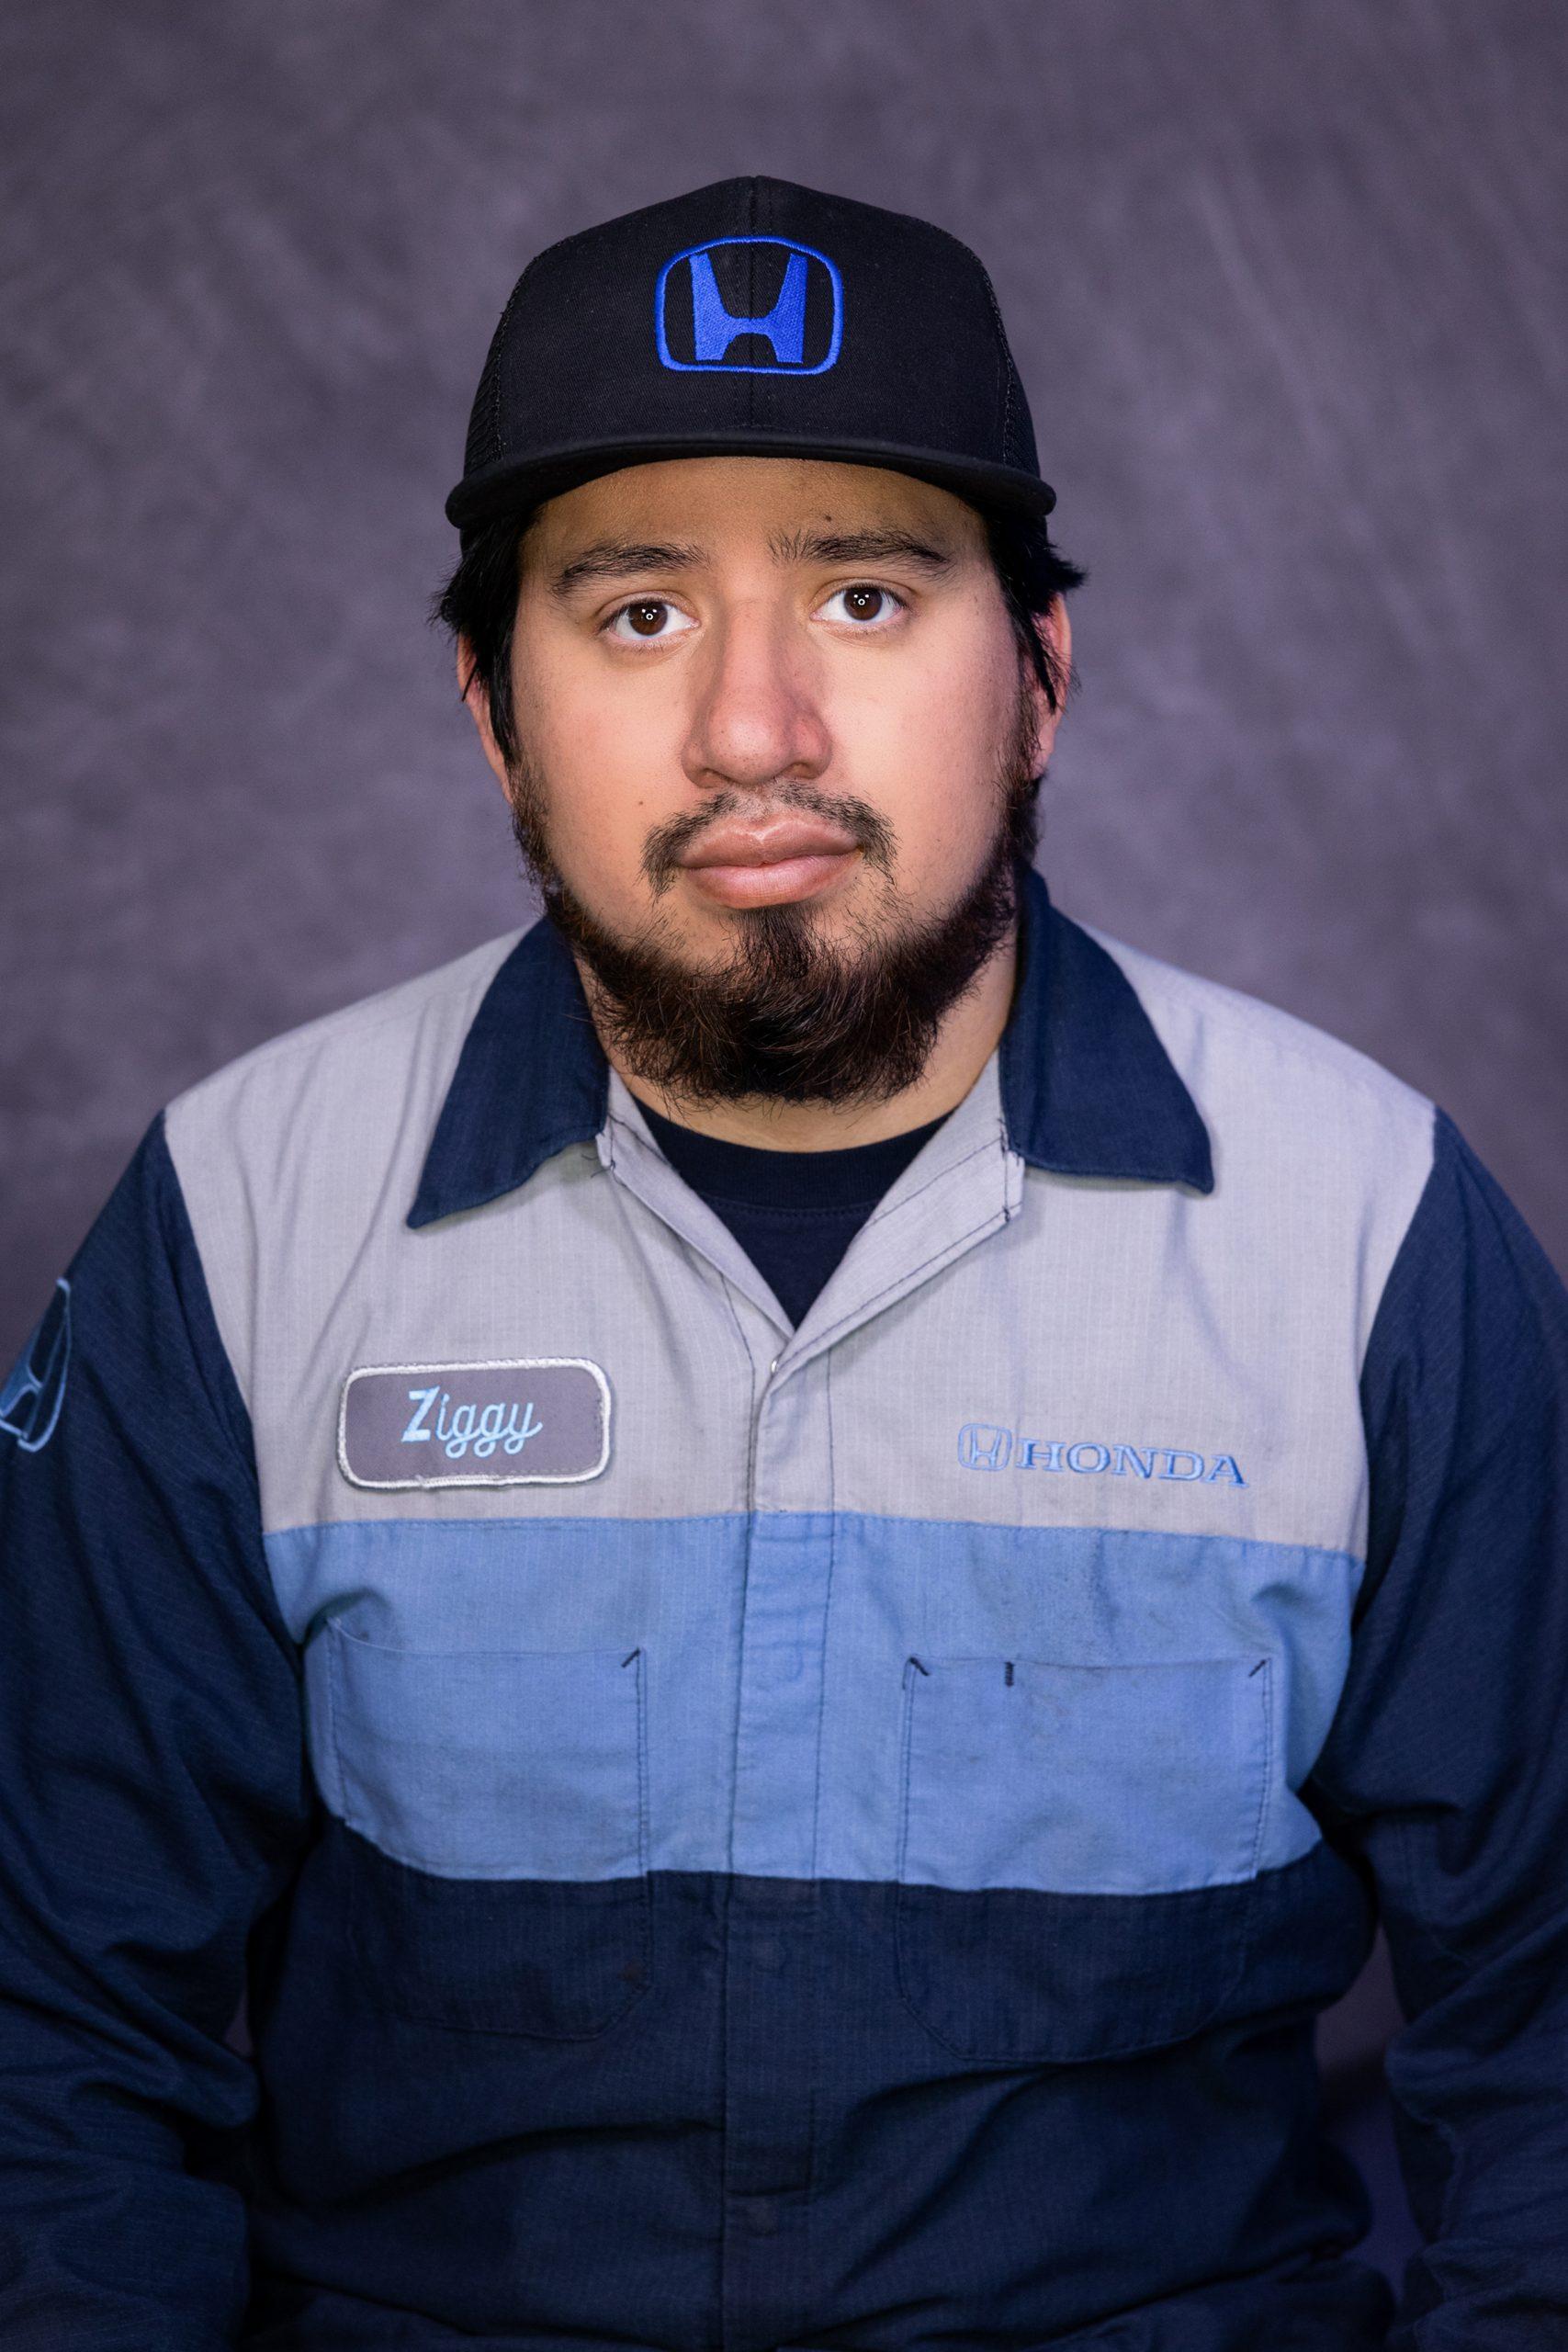 Ziggy Hernandez